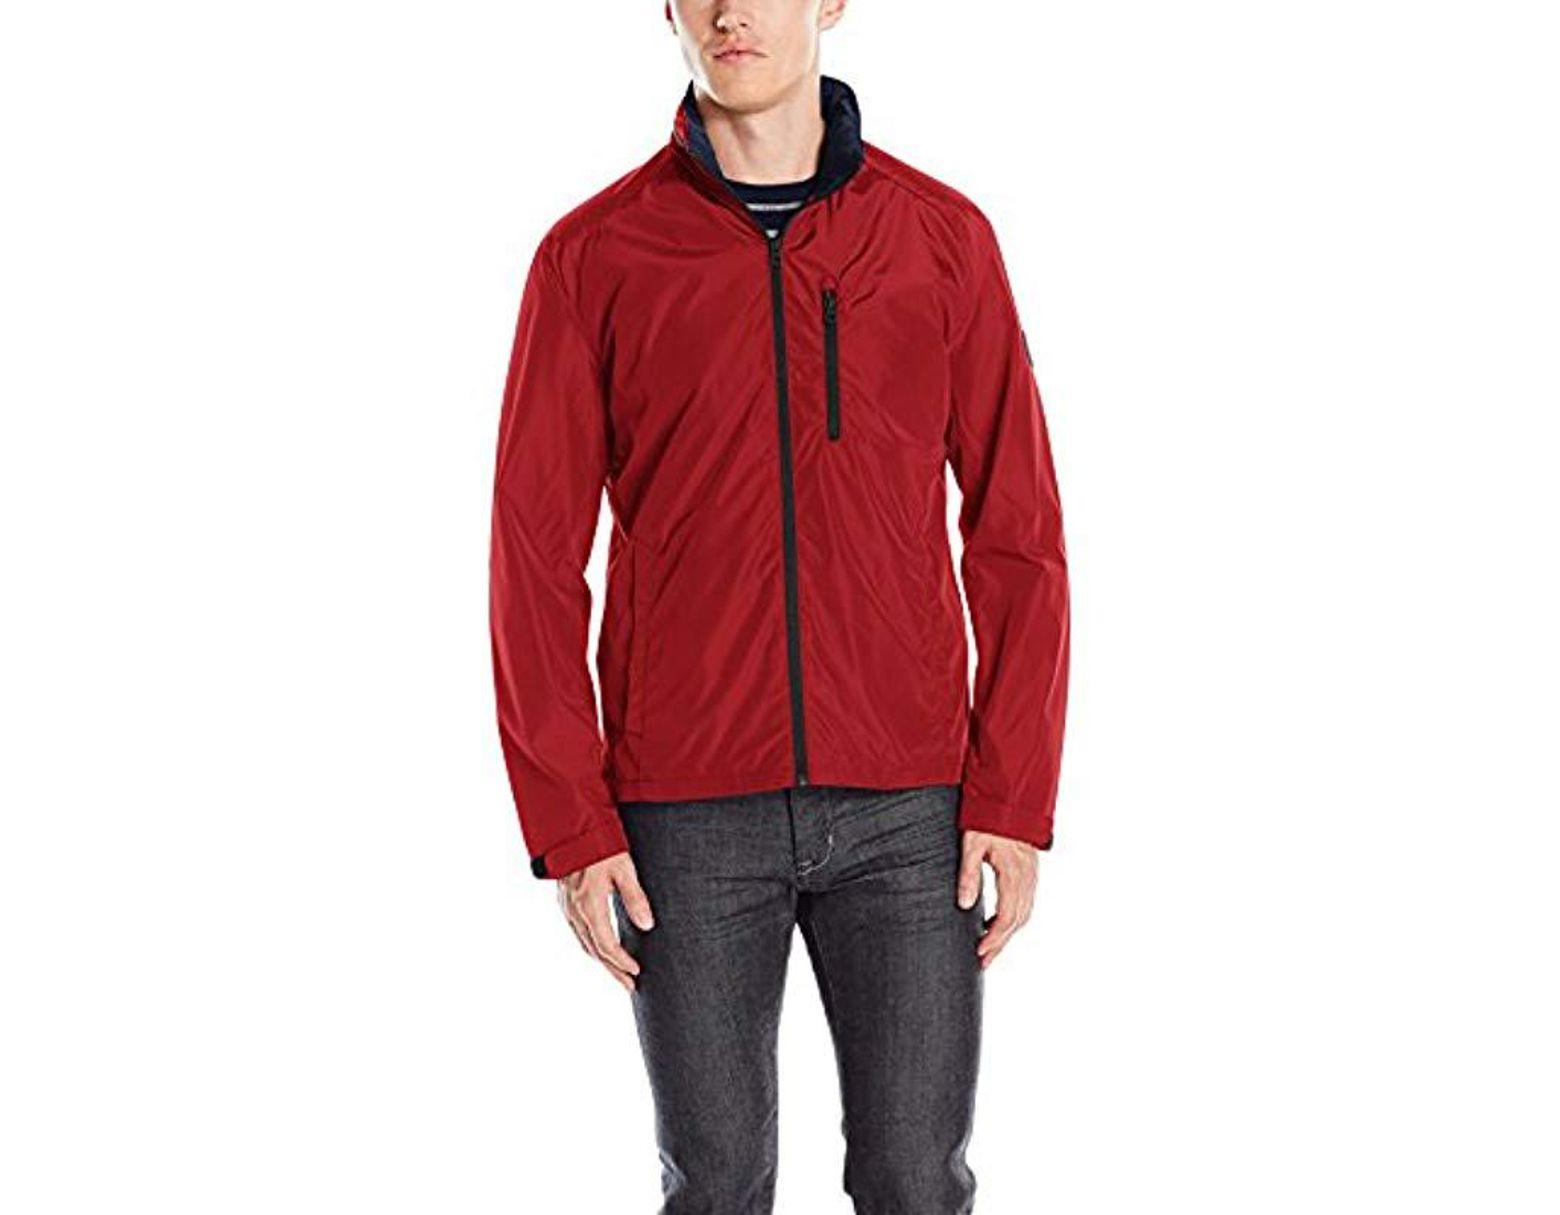 65c0c8adb Men's Red Archer Lightweight Jacket